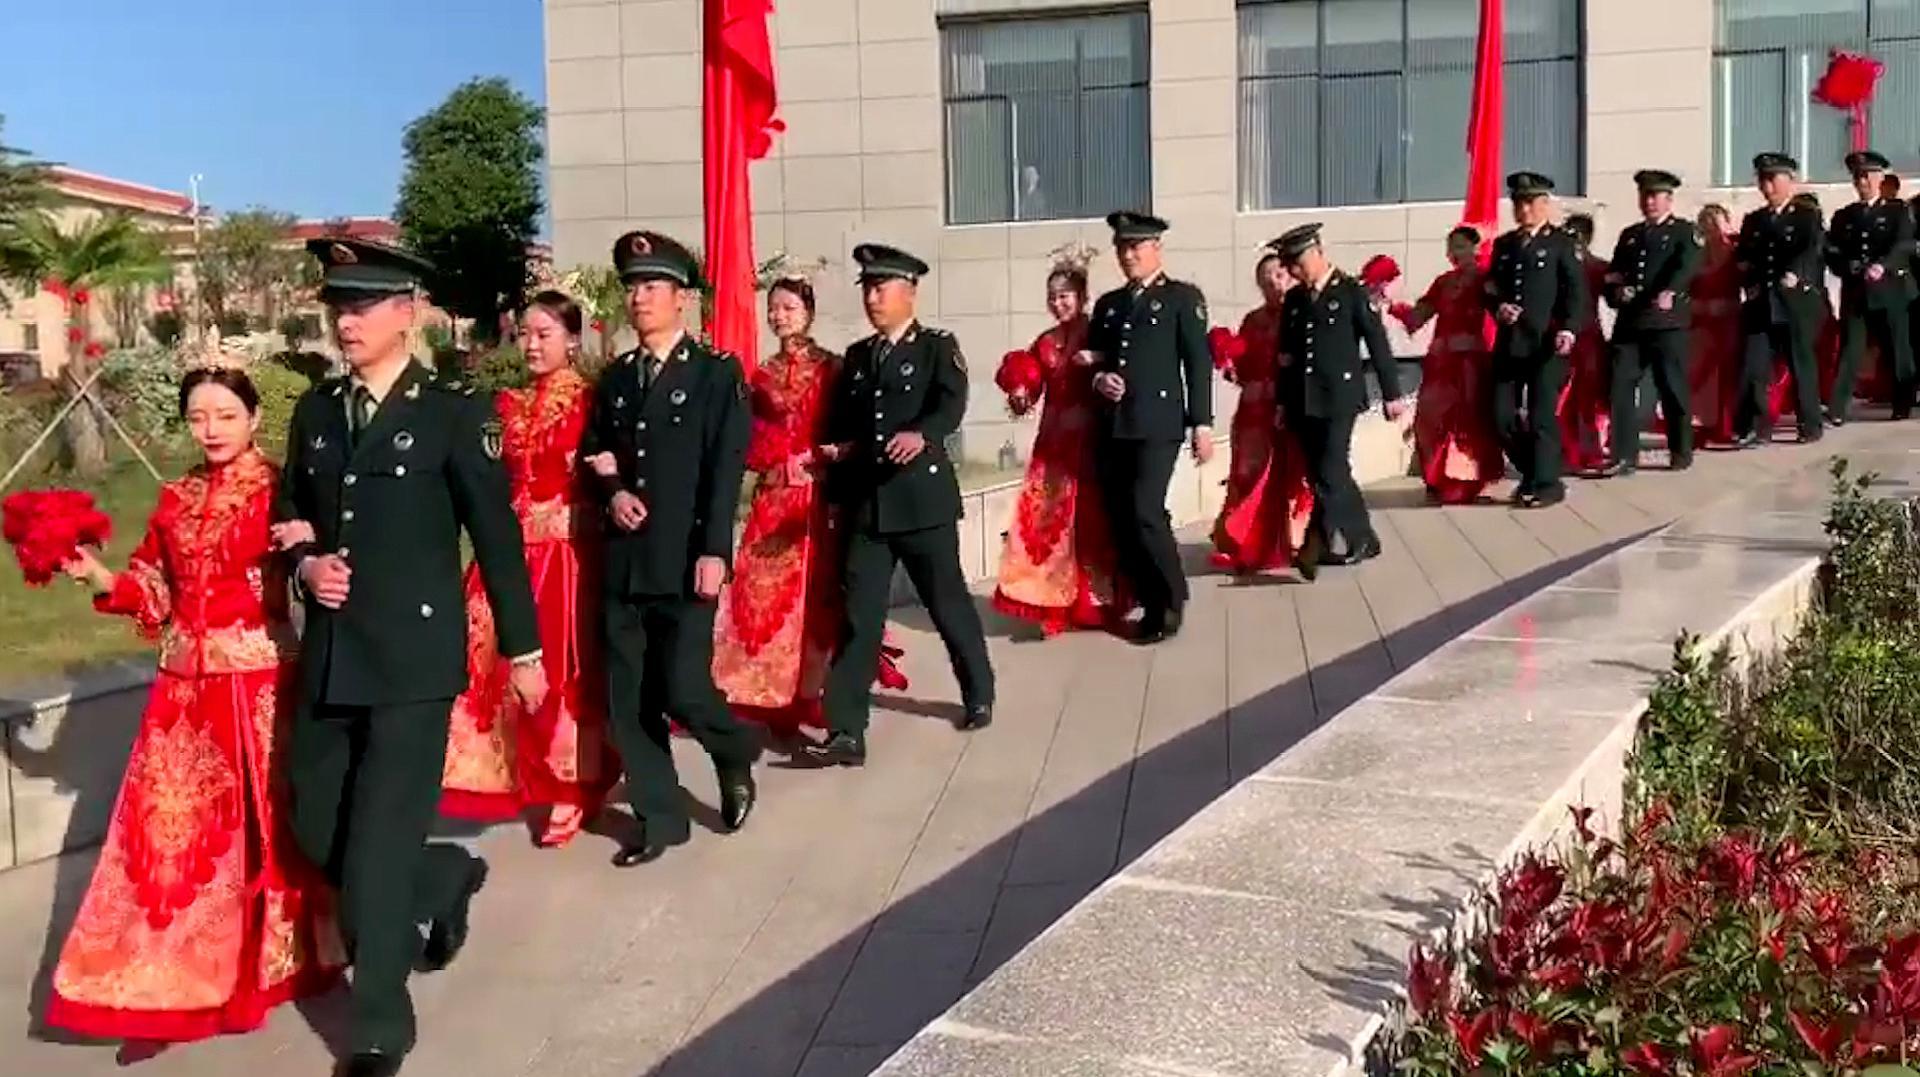 这里有一份东风快递专送狗粮!火箭军为116对新人举办集体婚礼